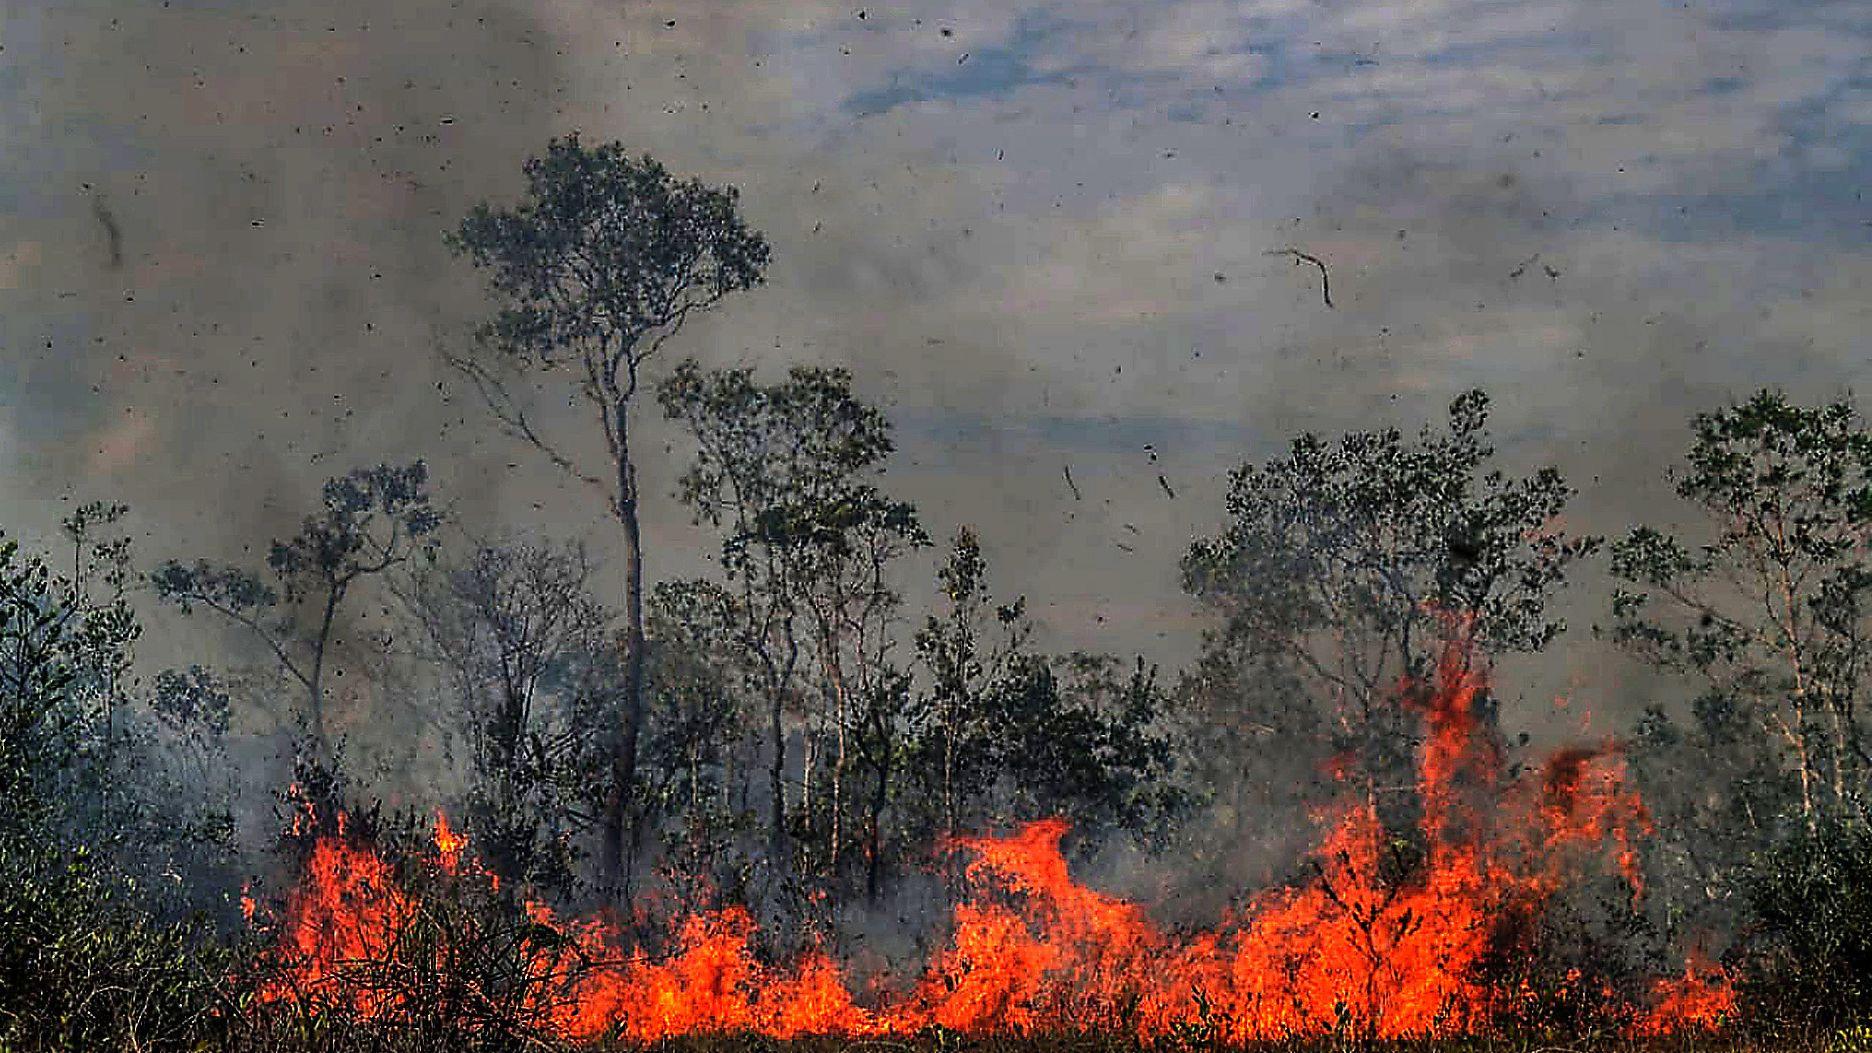 Bei einem schweren Waldbrand im Amazonas Ende August fressen sich die Feuer durch den Baumbestand.